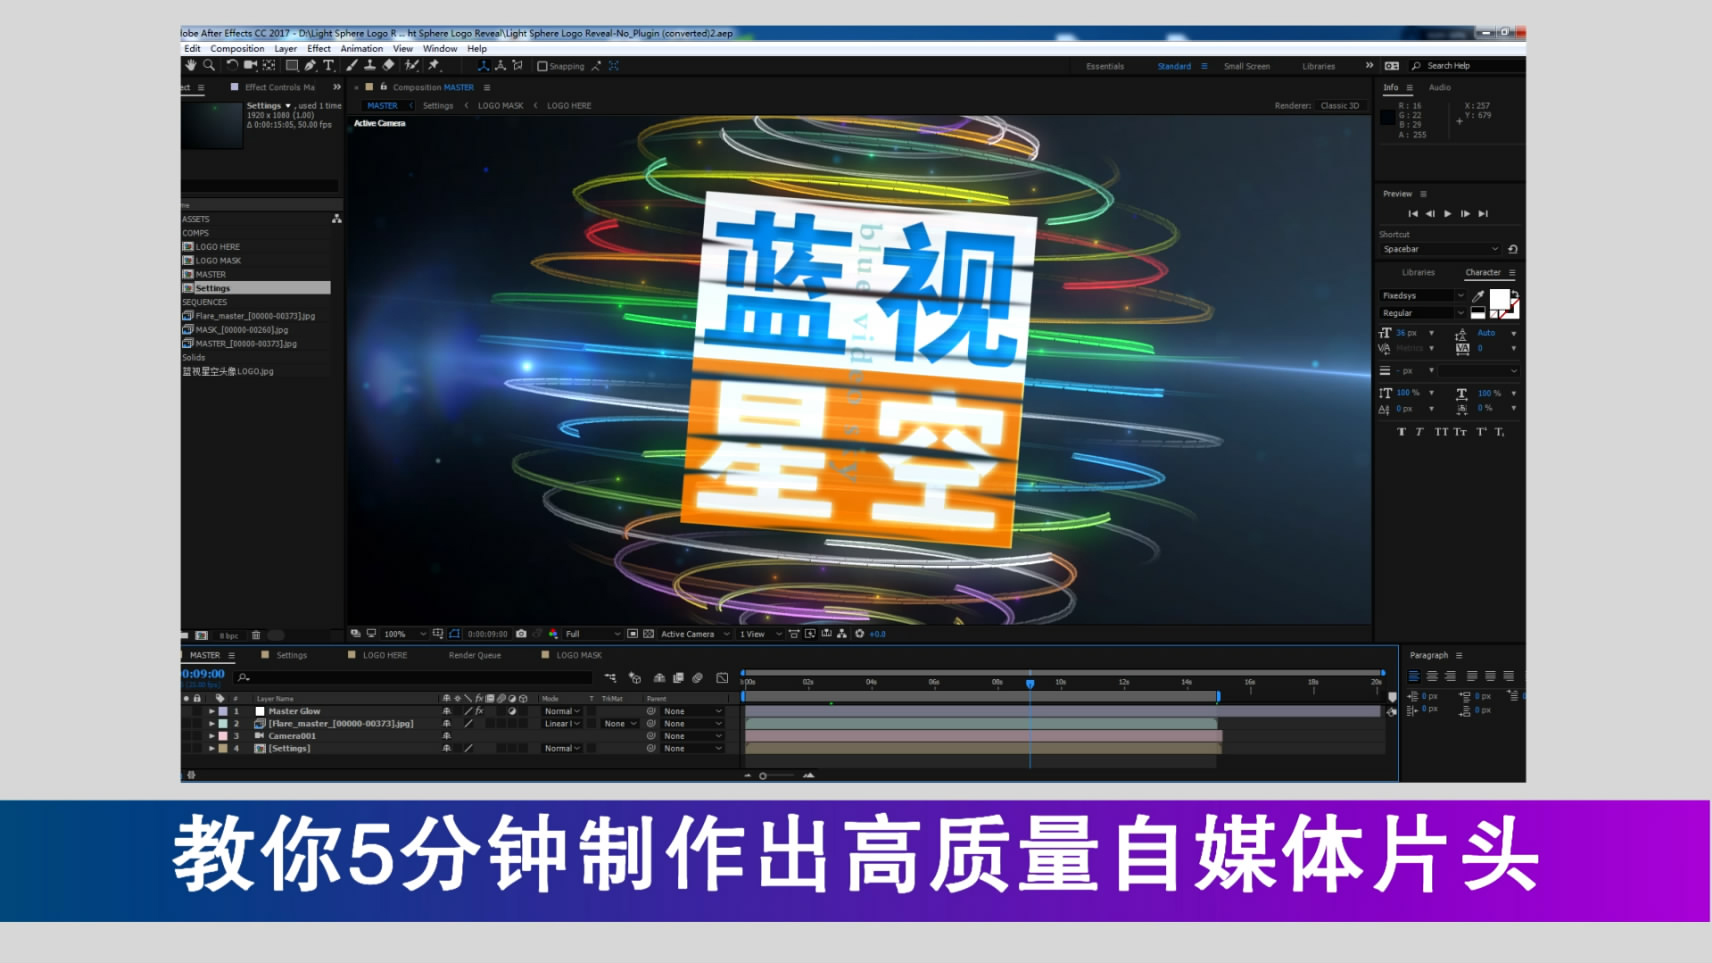 干货分享!教你用AE软件5分钟制作出高质量自媒体片头